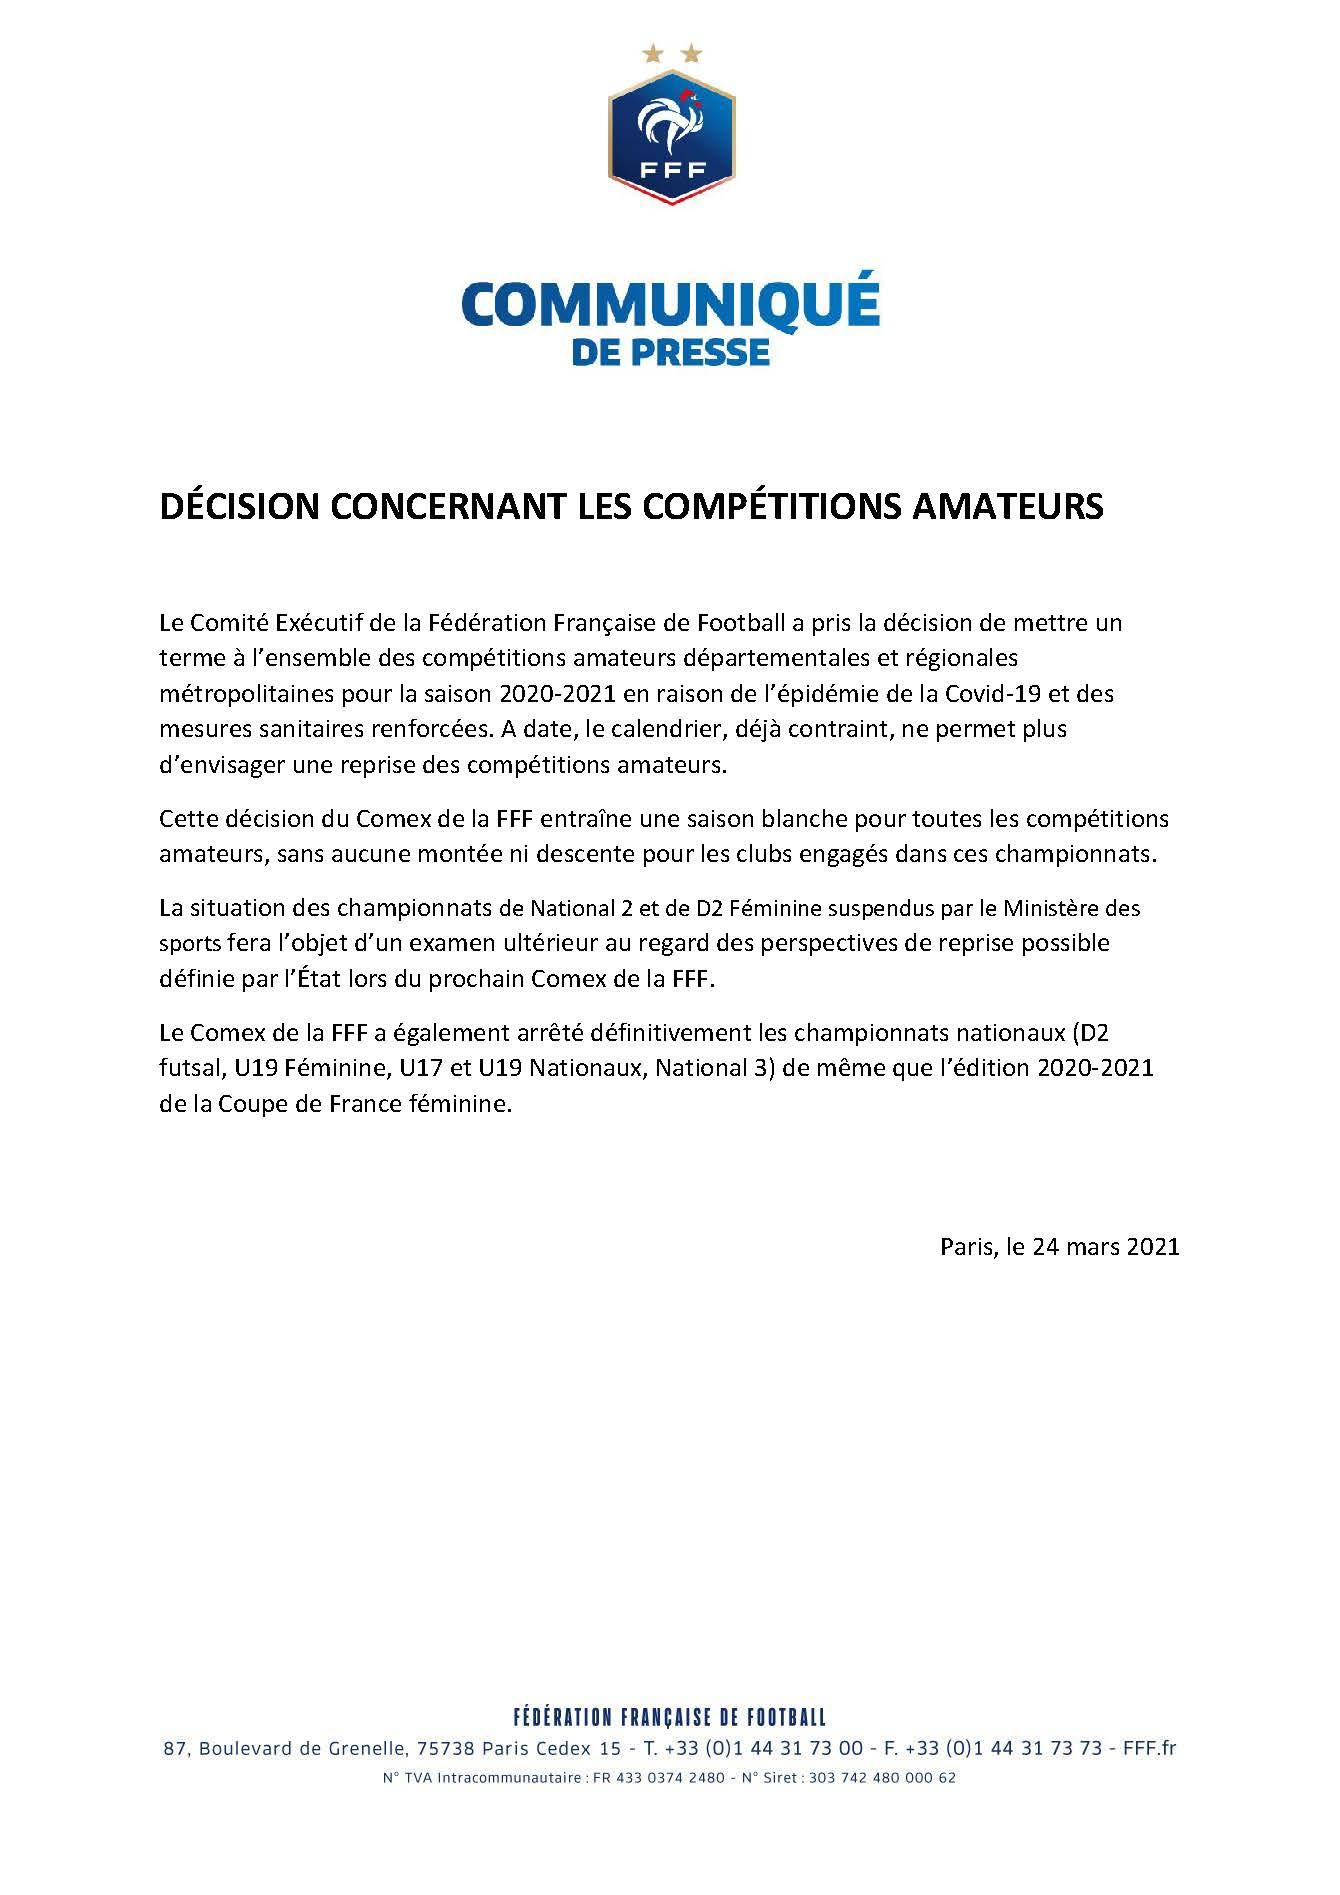 https://lfpl.fff.fr/wp-content/uploads/sites/20/2021/03/Num%C3%A9ro-21-D%C3%A9cision-concernant-les-championnats-amateurs-et-la-Coupe-de-France-f%C3%A9minine.jpg